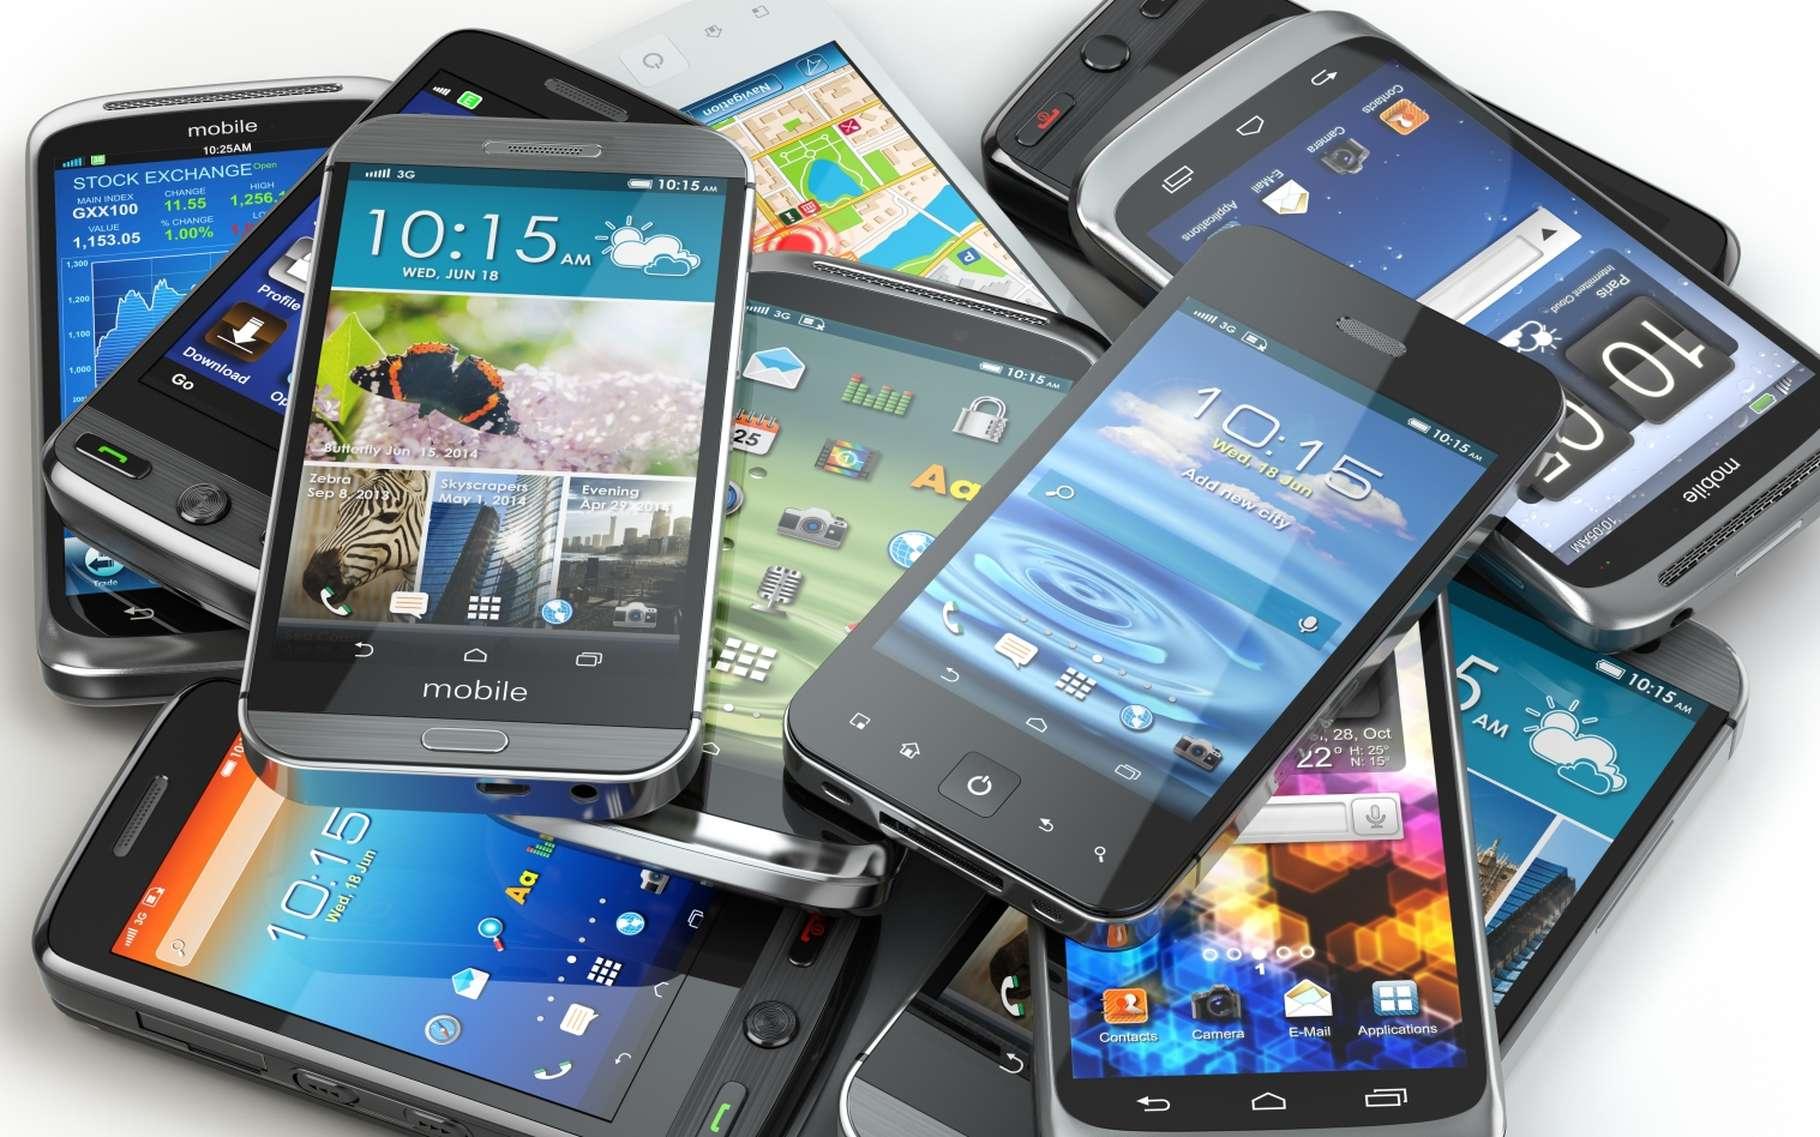 Le rappel de millions de Galaxy Note 7 et la question de leur destruction pose le problème du difficile recyclage des téléphones mobiles. Pour l'instant, cette industrie est très loin d'une situation durable. © Maxx-Studio, Shutterstock